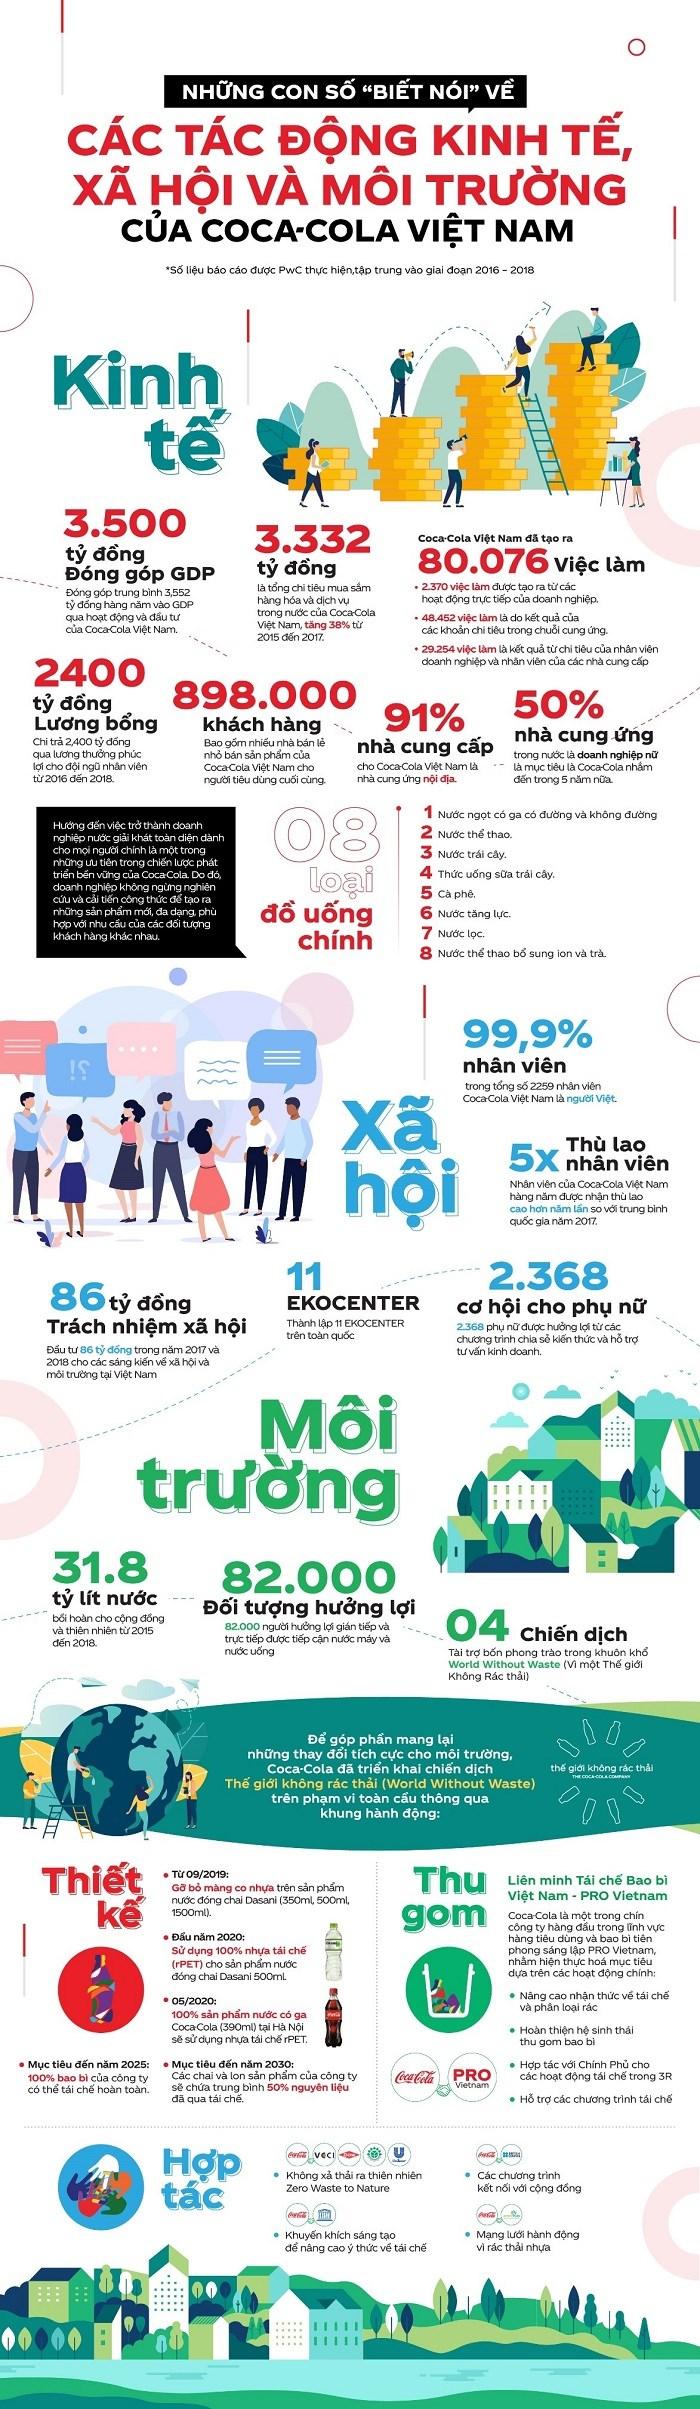 Với gần 1 triệu khách hàng đối tác, Coca-Cola kiến tạo giá trị gì cho người Việt? - Ảnh 1